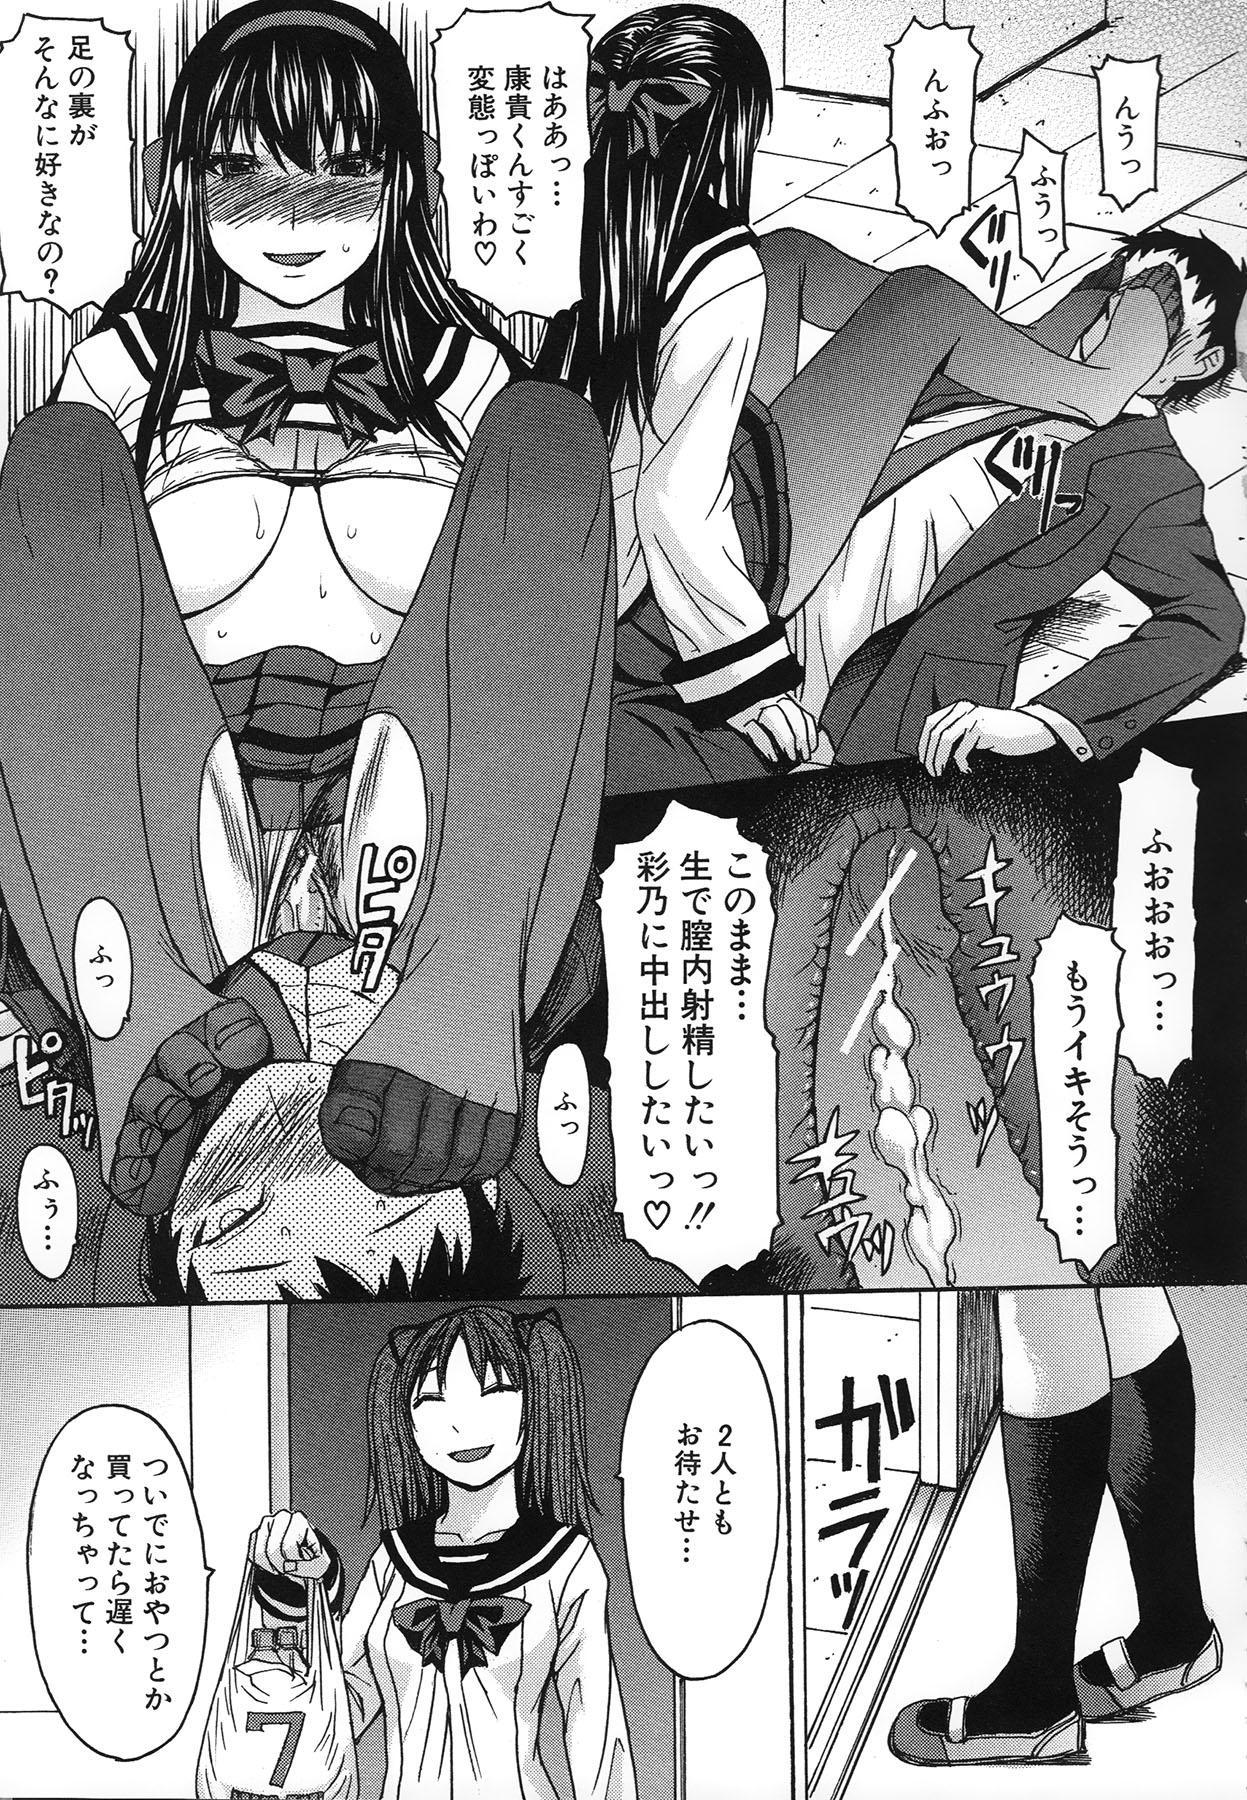 Ashigami 214